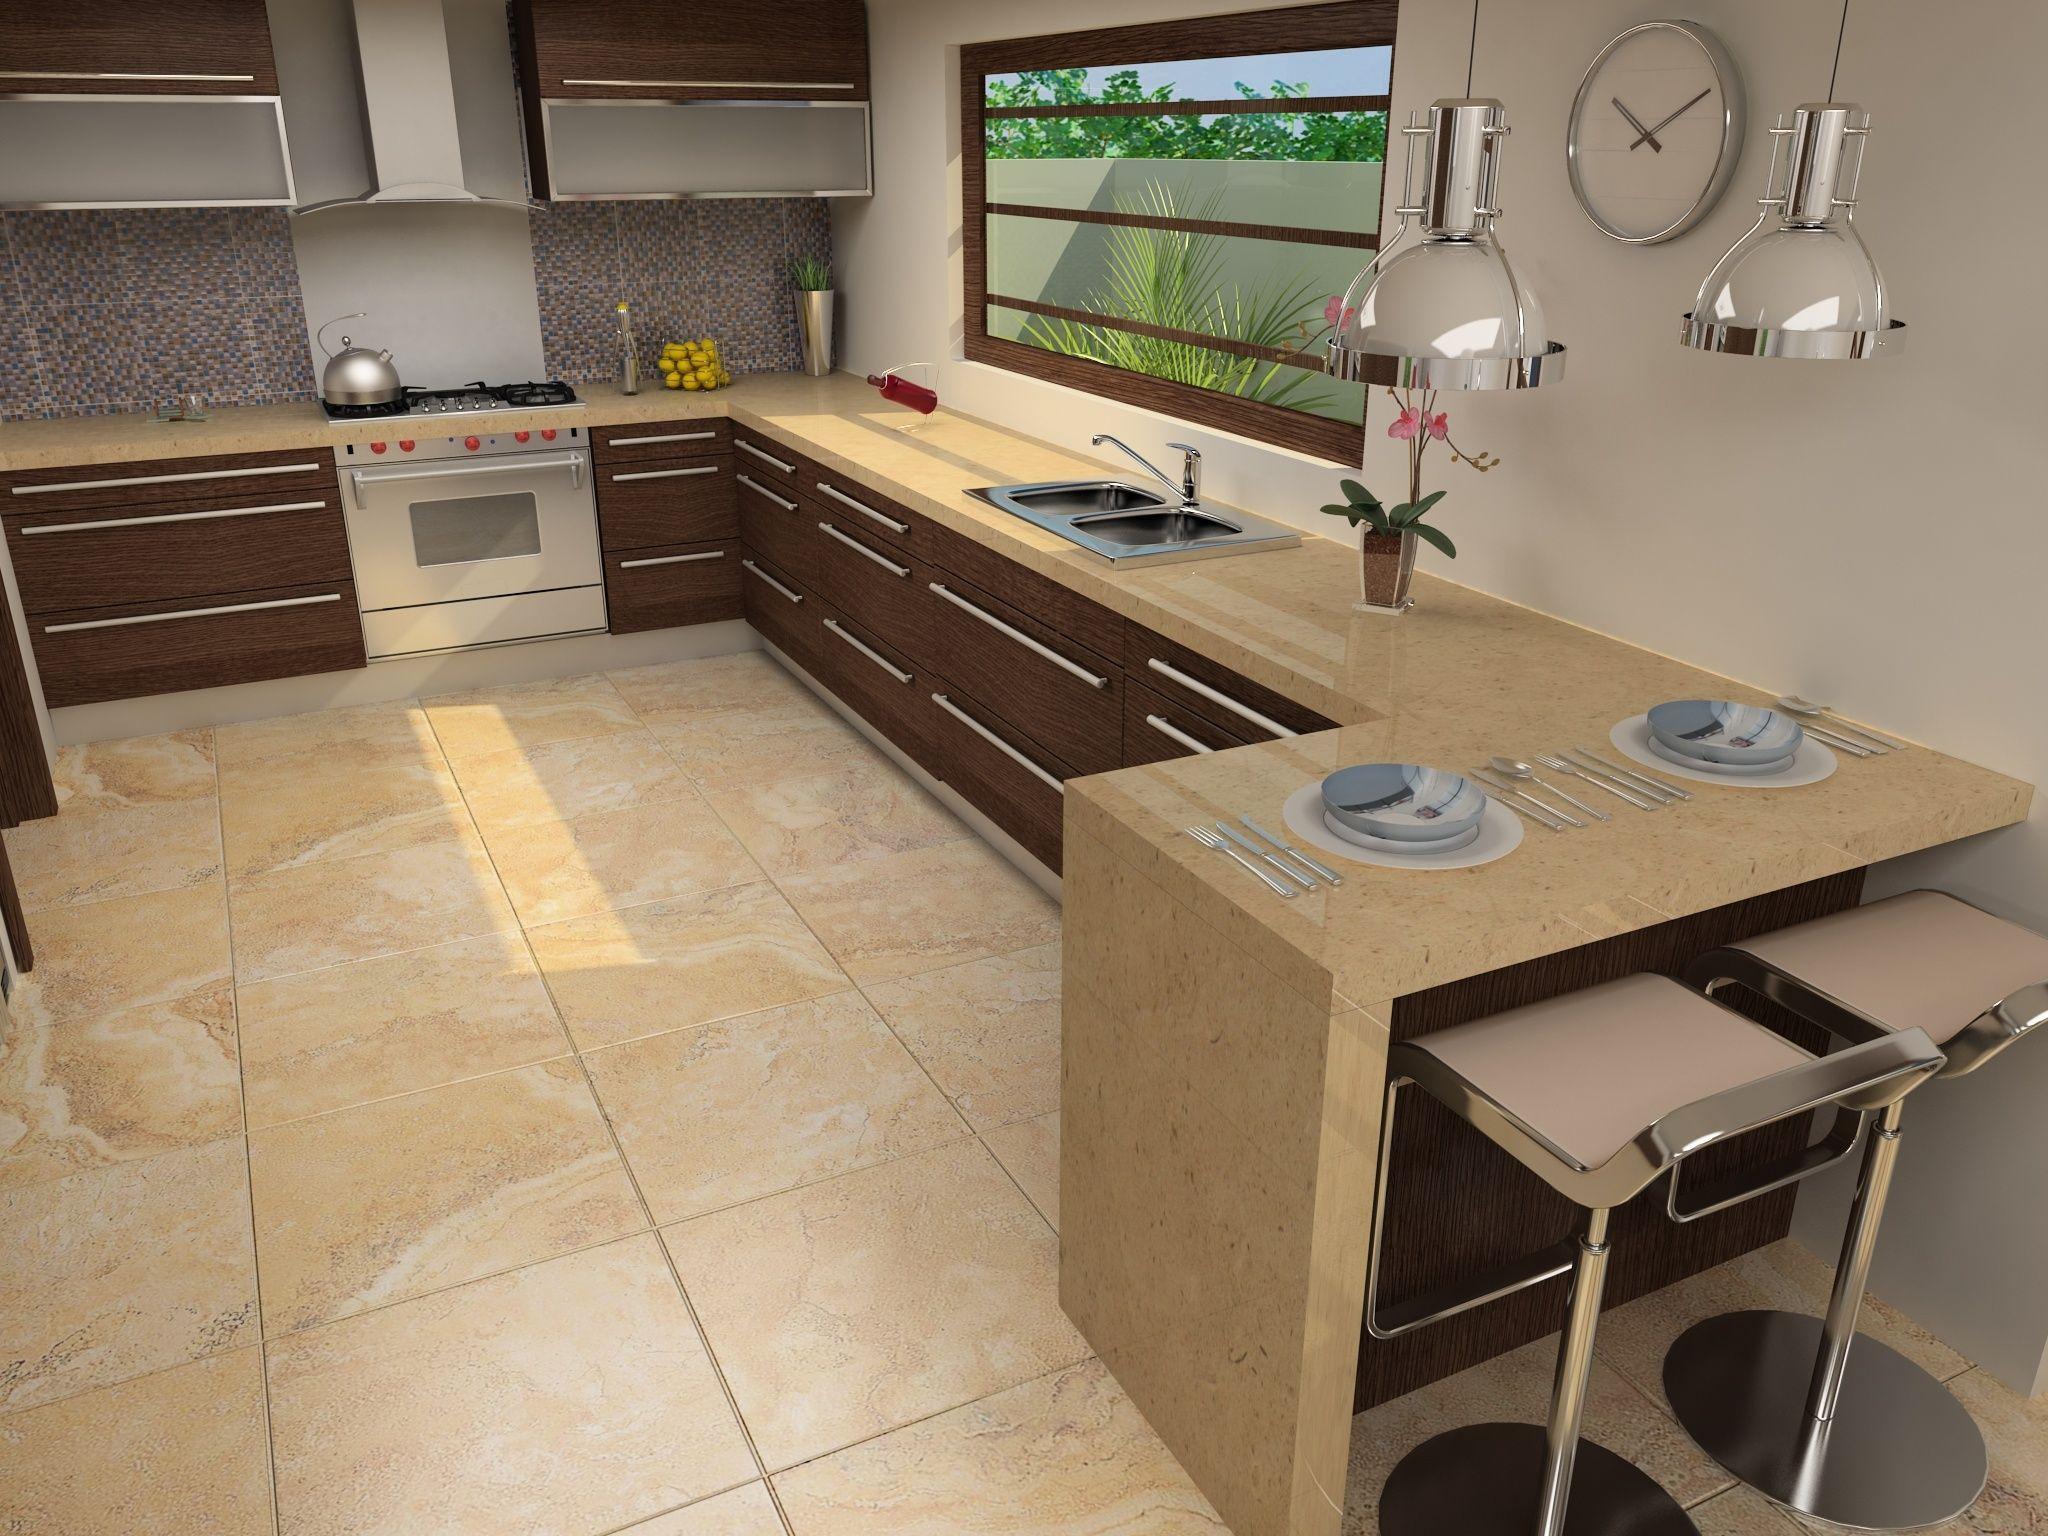 Prepara comida rica en una cocina nica con interceramic for Azulejos para cocina interceramic